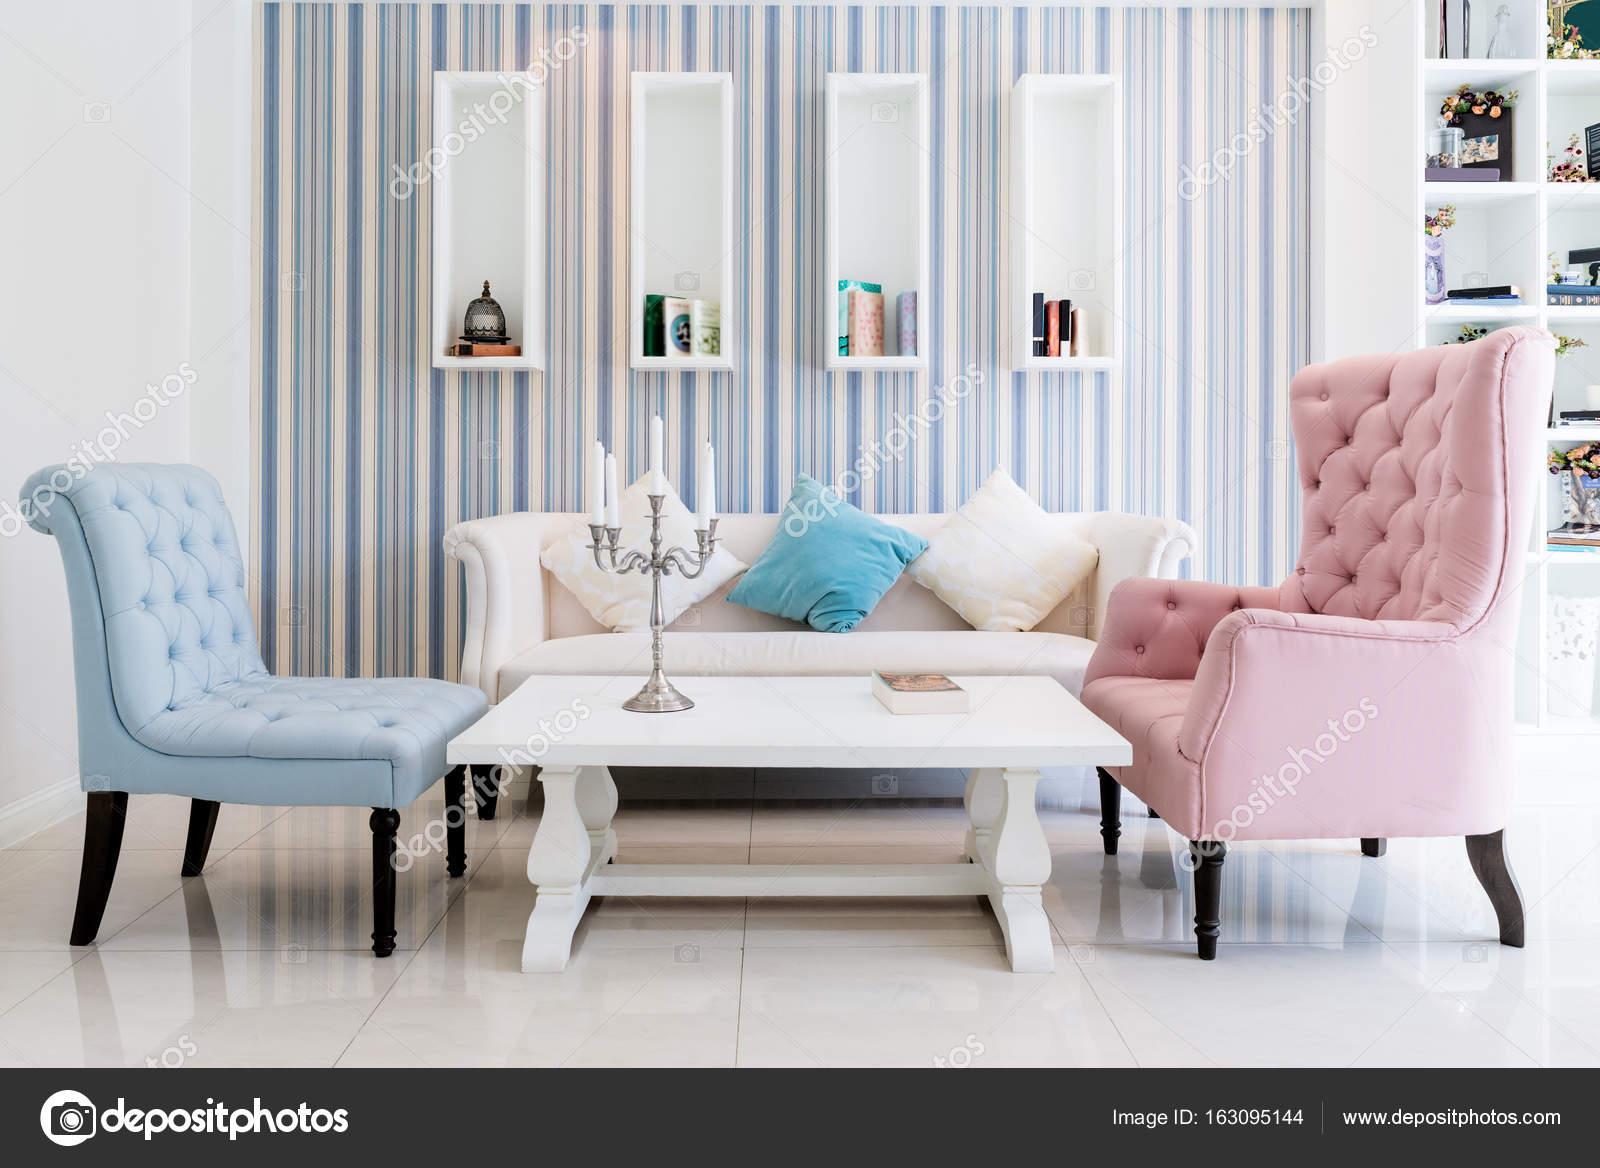 Beeindruckend Lounge Sofa Wohnzimmer Foto Von Lounge-sofa Und Bunten Kissen In Im Im